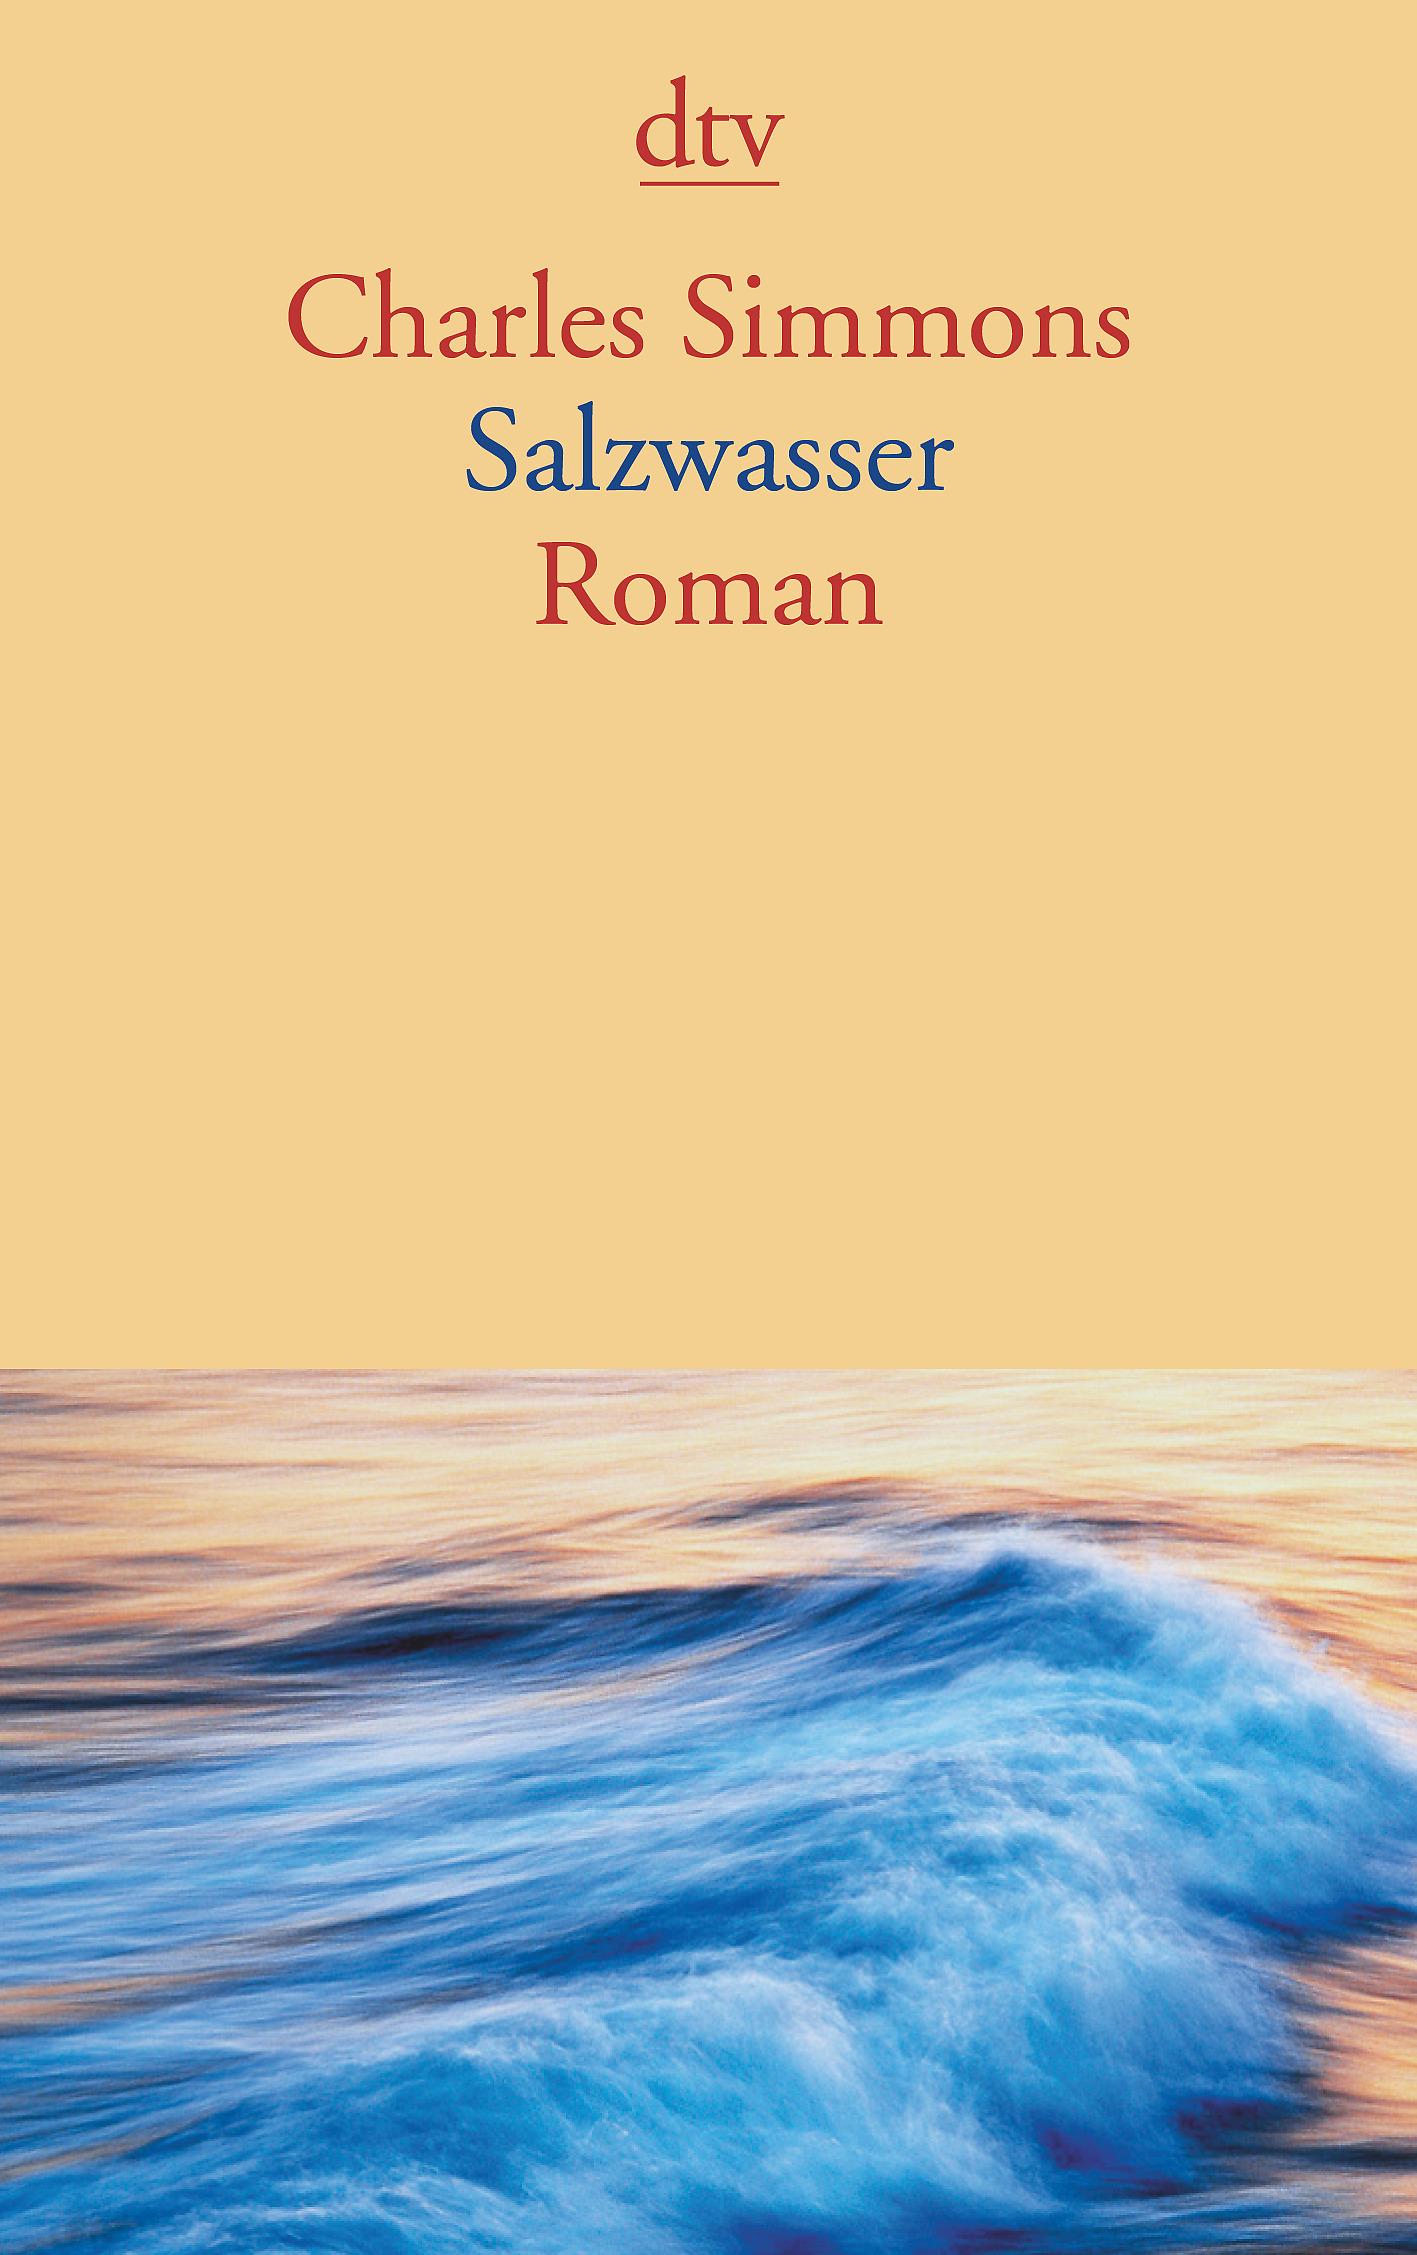 Salzwasser: Charles Simmons